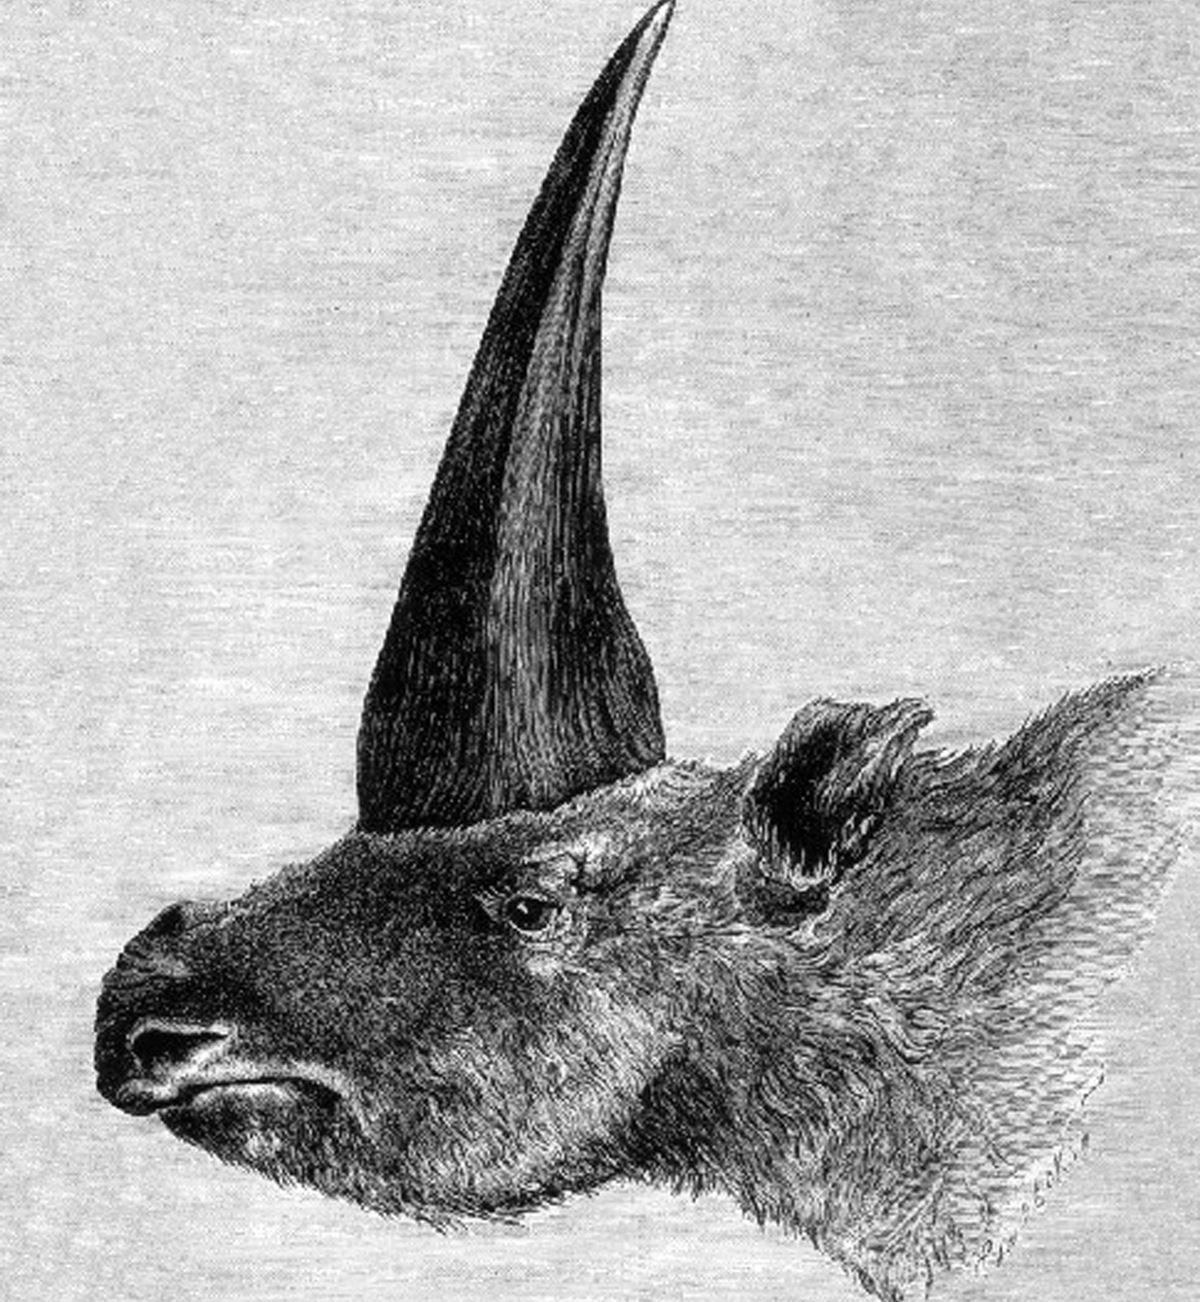 Ilustração feita em 1878 mostra o Elasmotherium sibiricum, o 'unicórnio siberiano' (Foto de domínio público / Rashevsky, sob supervisão de A.F. Brant)